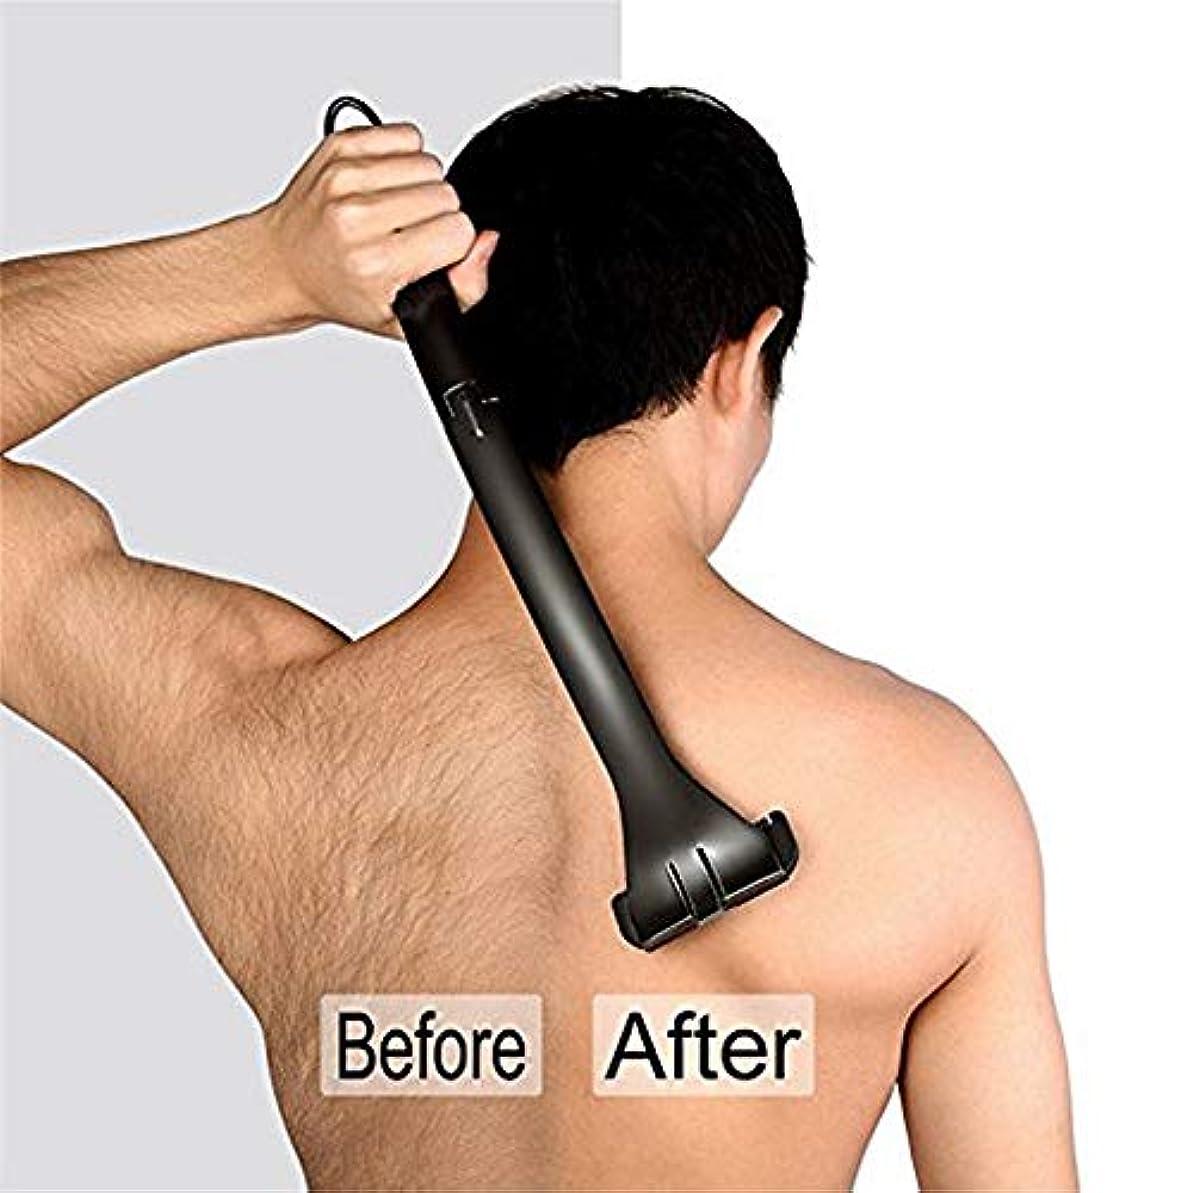 迷路刺します蒸気後身頃脱毛ボディトリマー男性痛みフリーのための防水、男性マニュアルボディシェーバー、男性折り畳み式バックの髪シェーバー